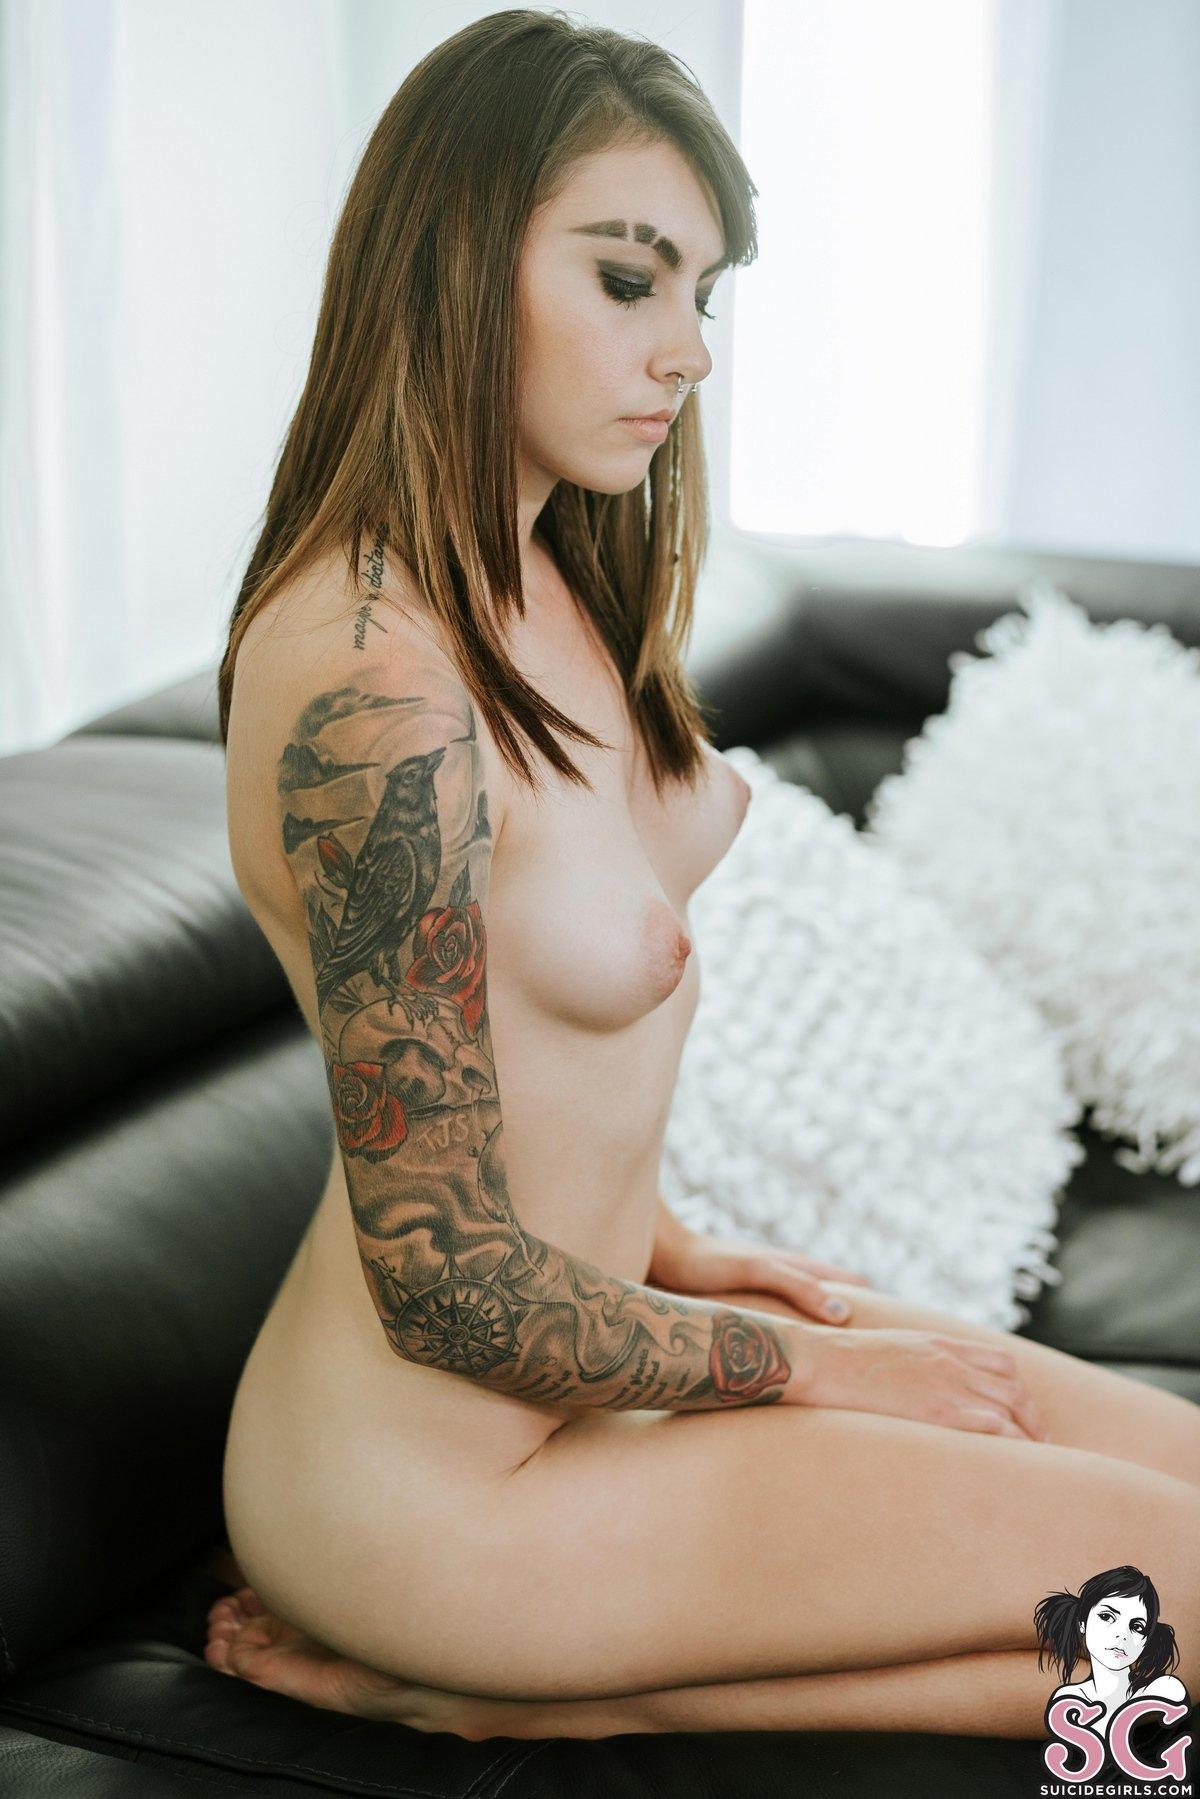 Мадам с татуировками на руке снимает кружевной боди